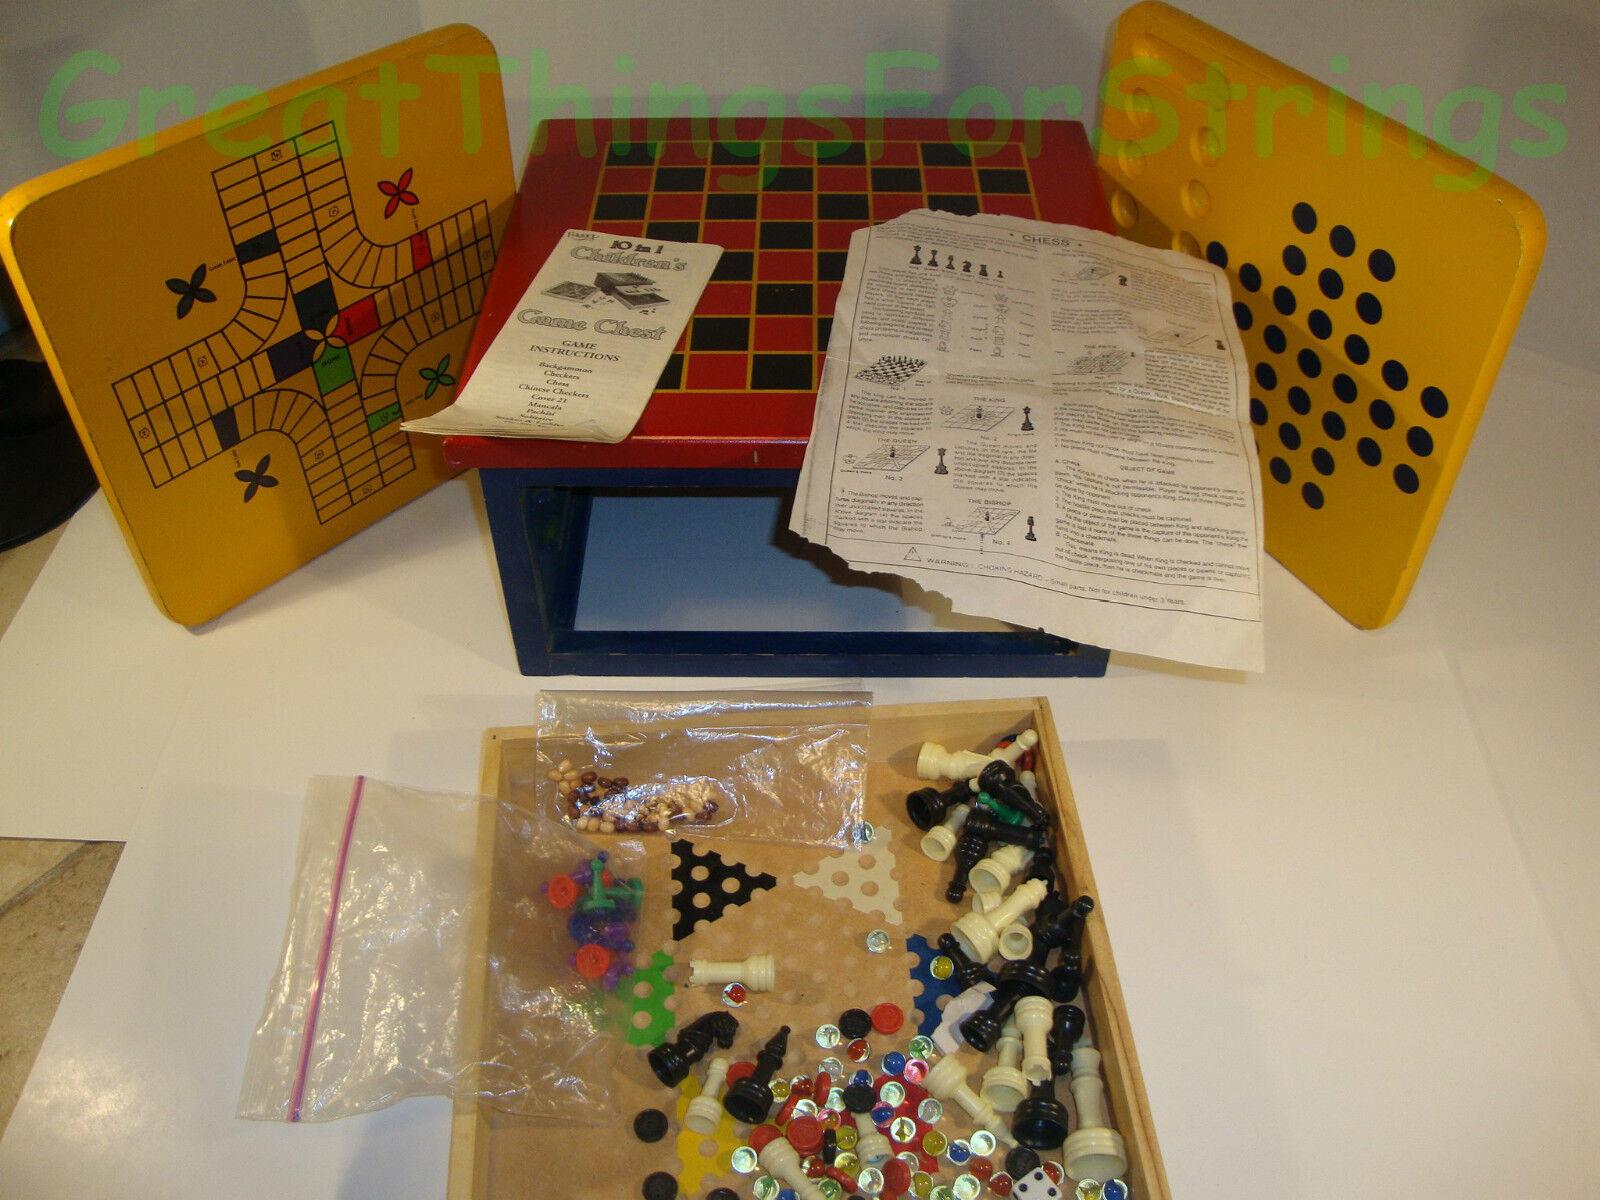 Fundex 10 1   familie spiel brust rote und blaue spiele schach - kinder